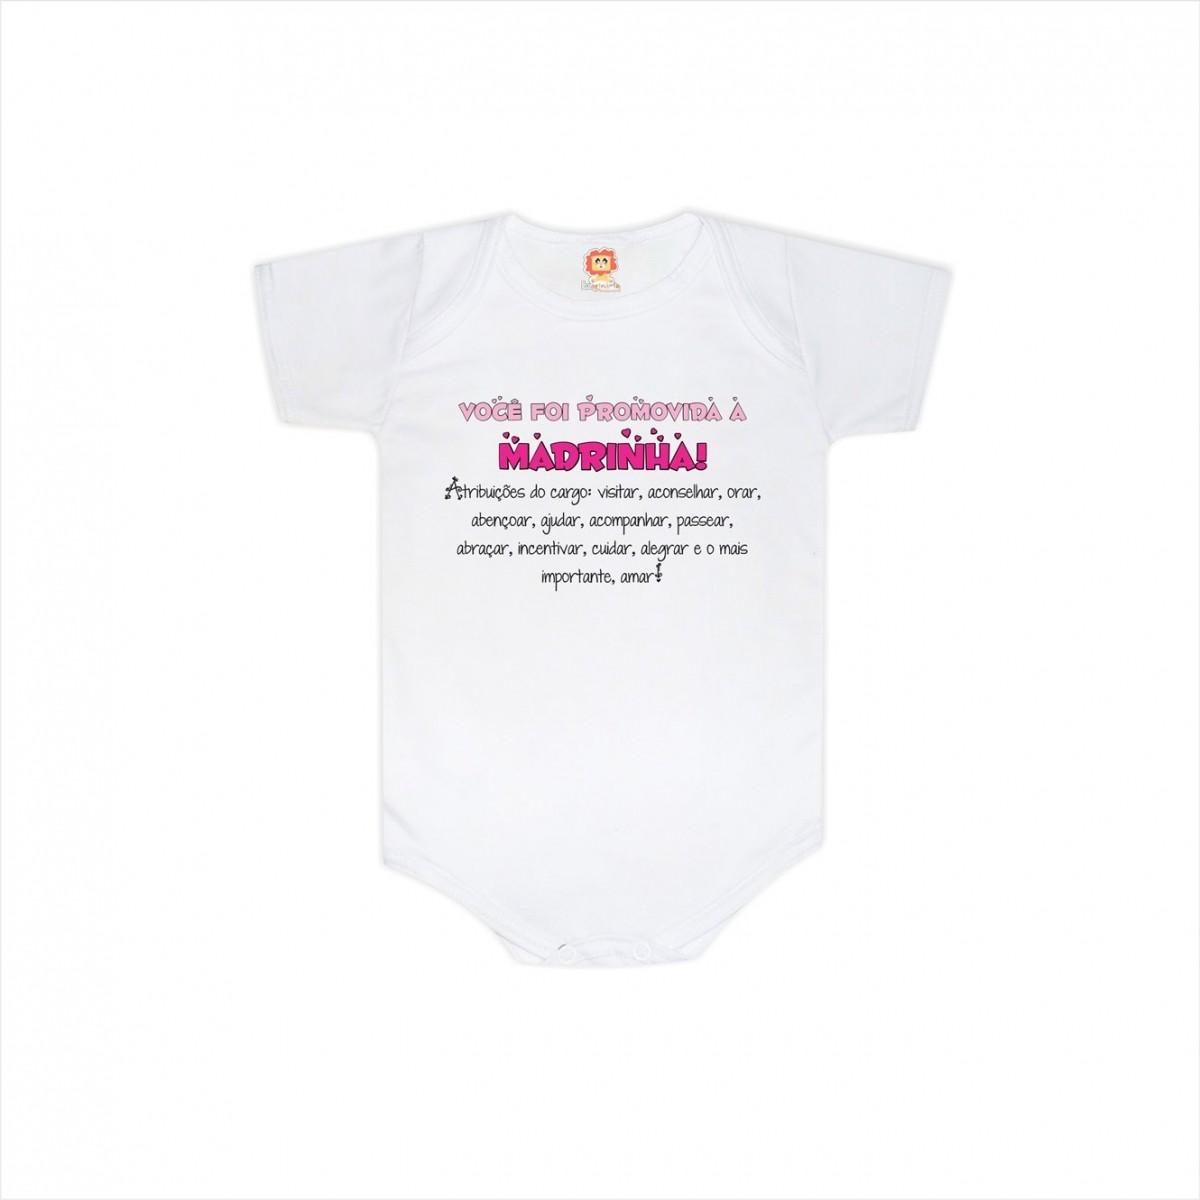 Body ou Camiseta Promovida a Madrinha